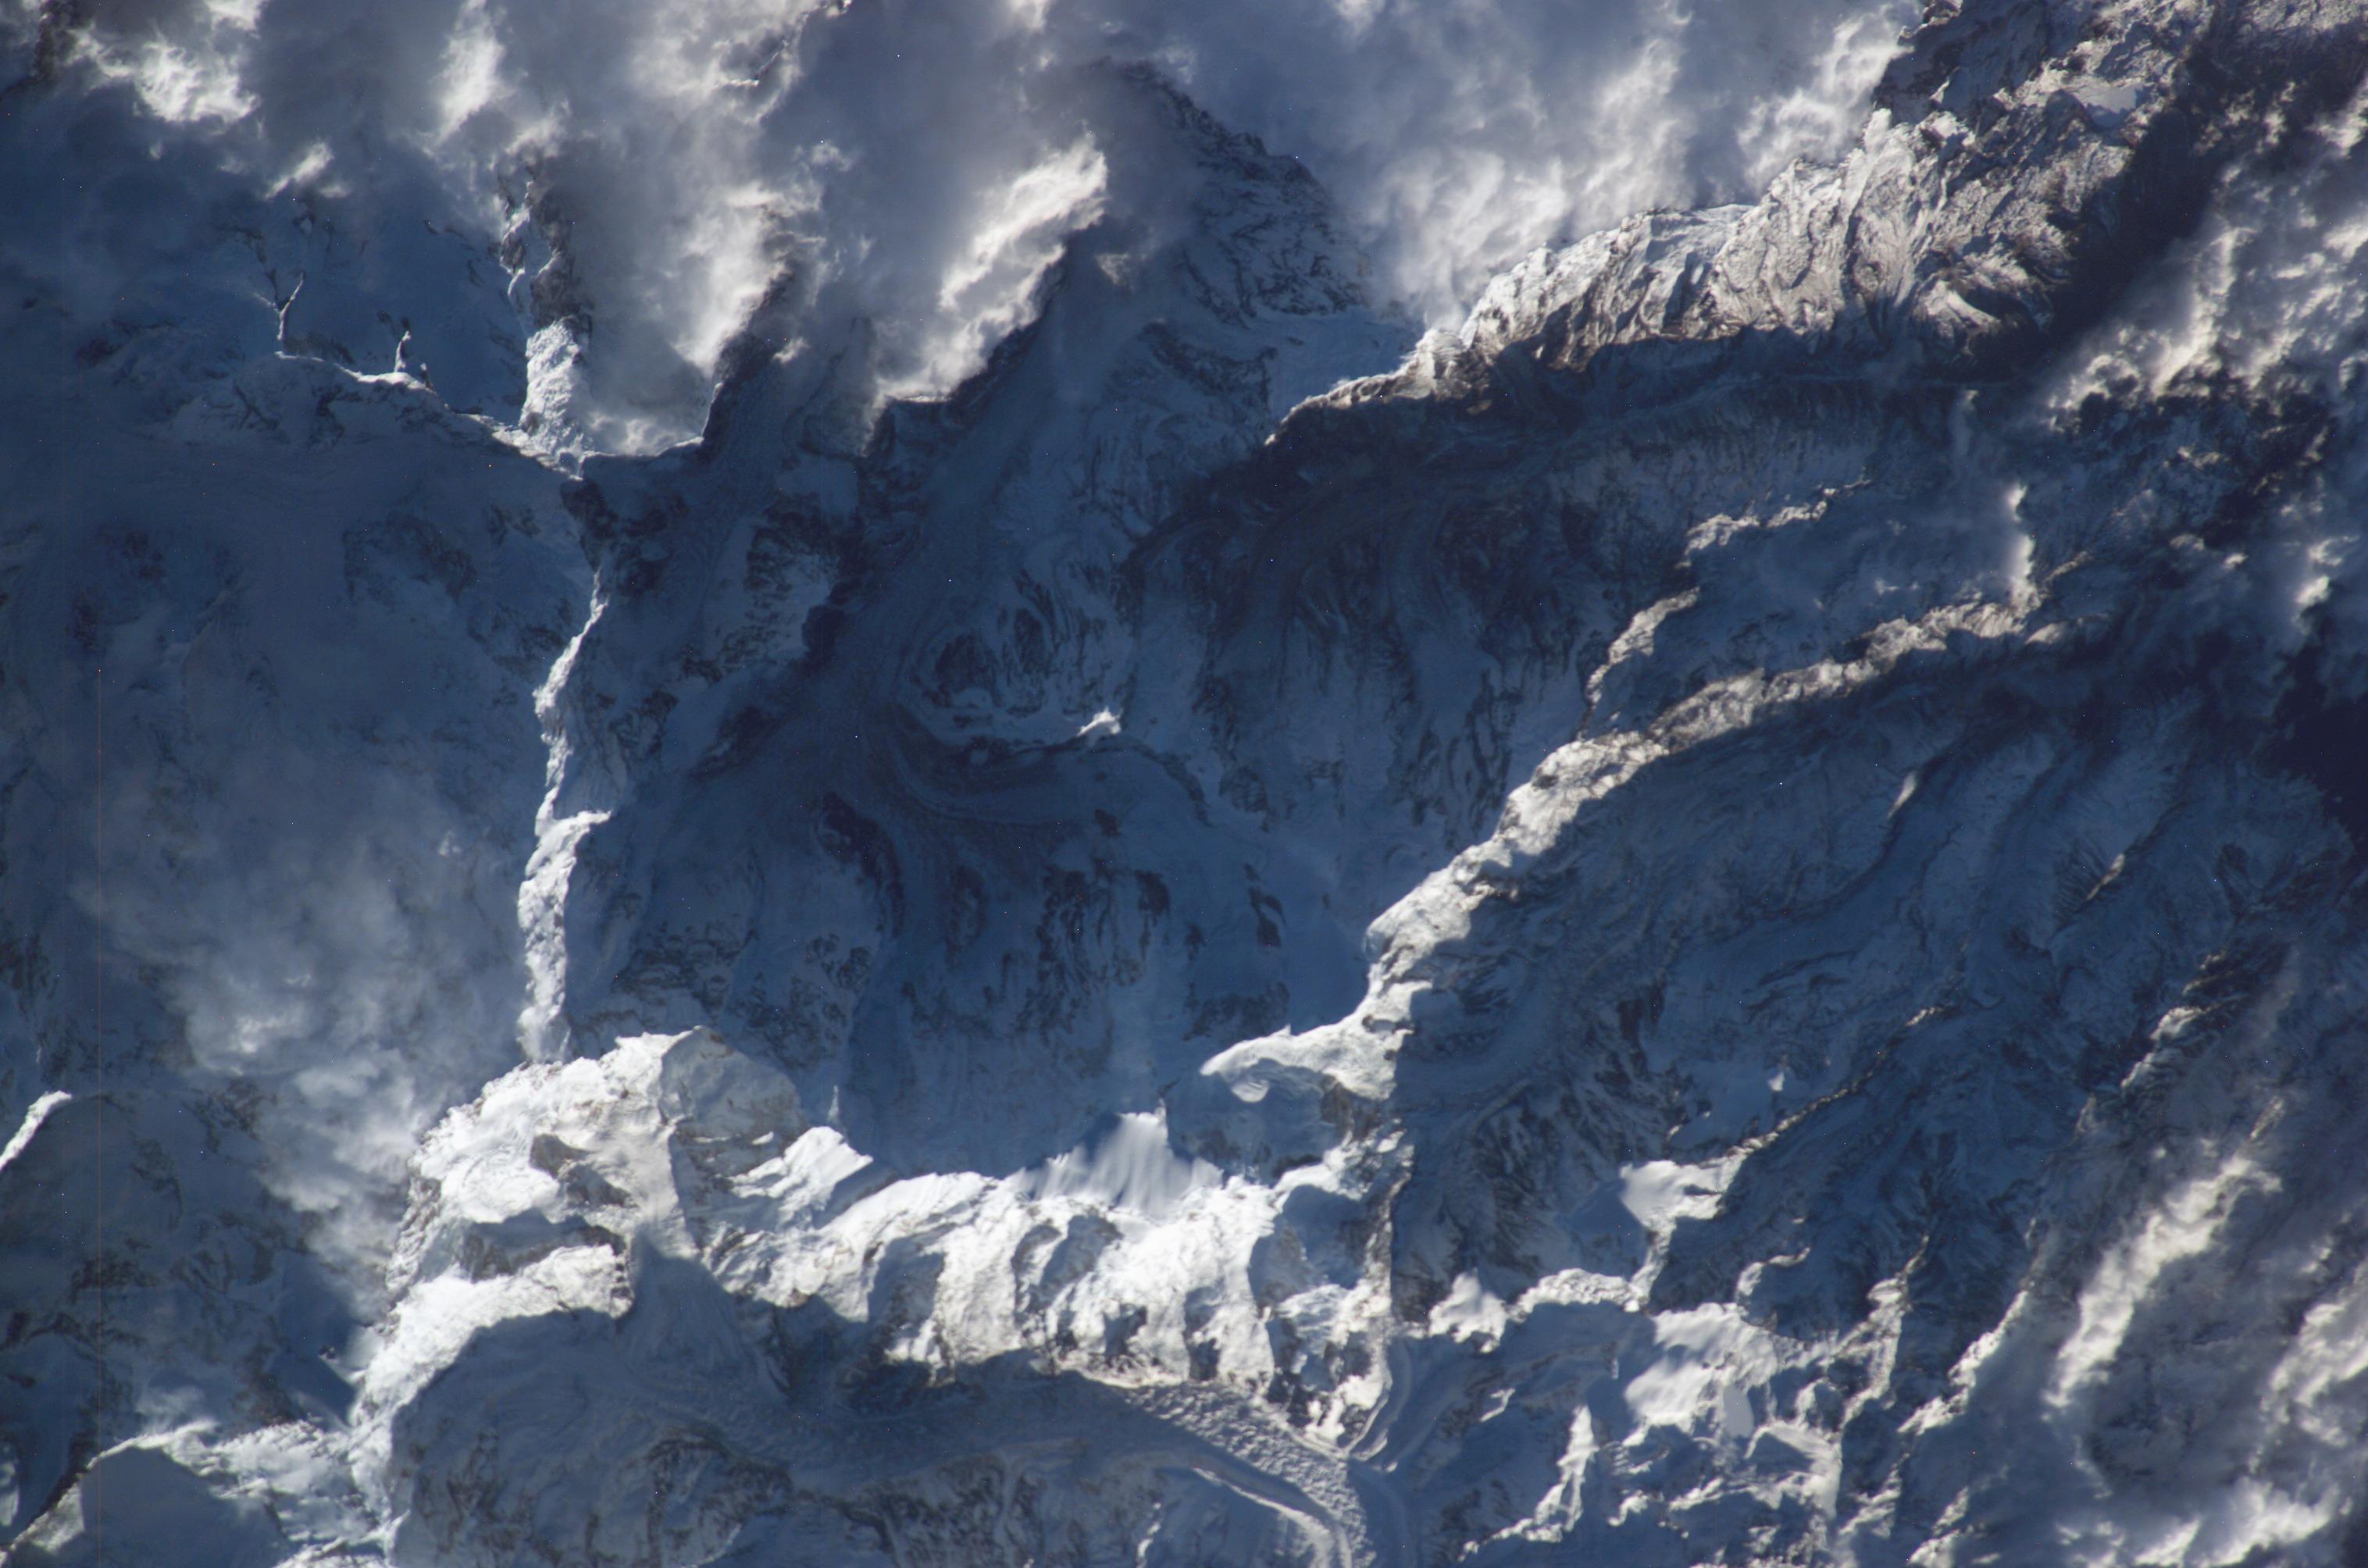 nasa himalayas from space - photo #29